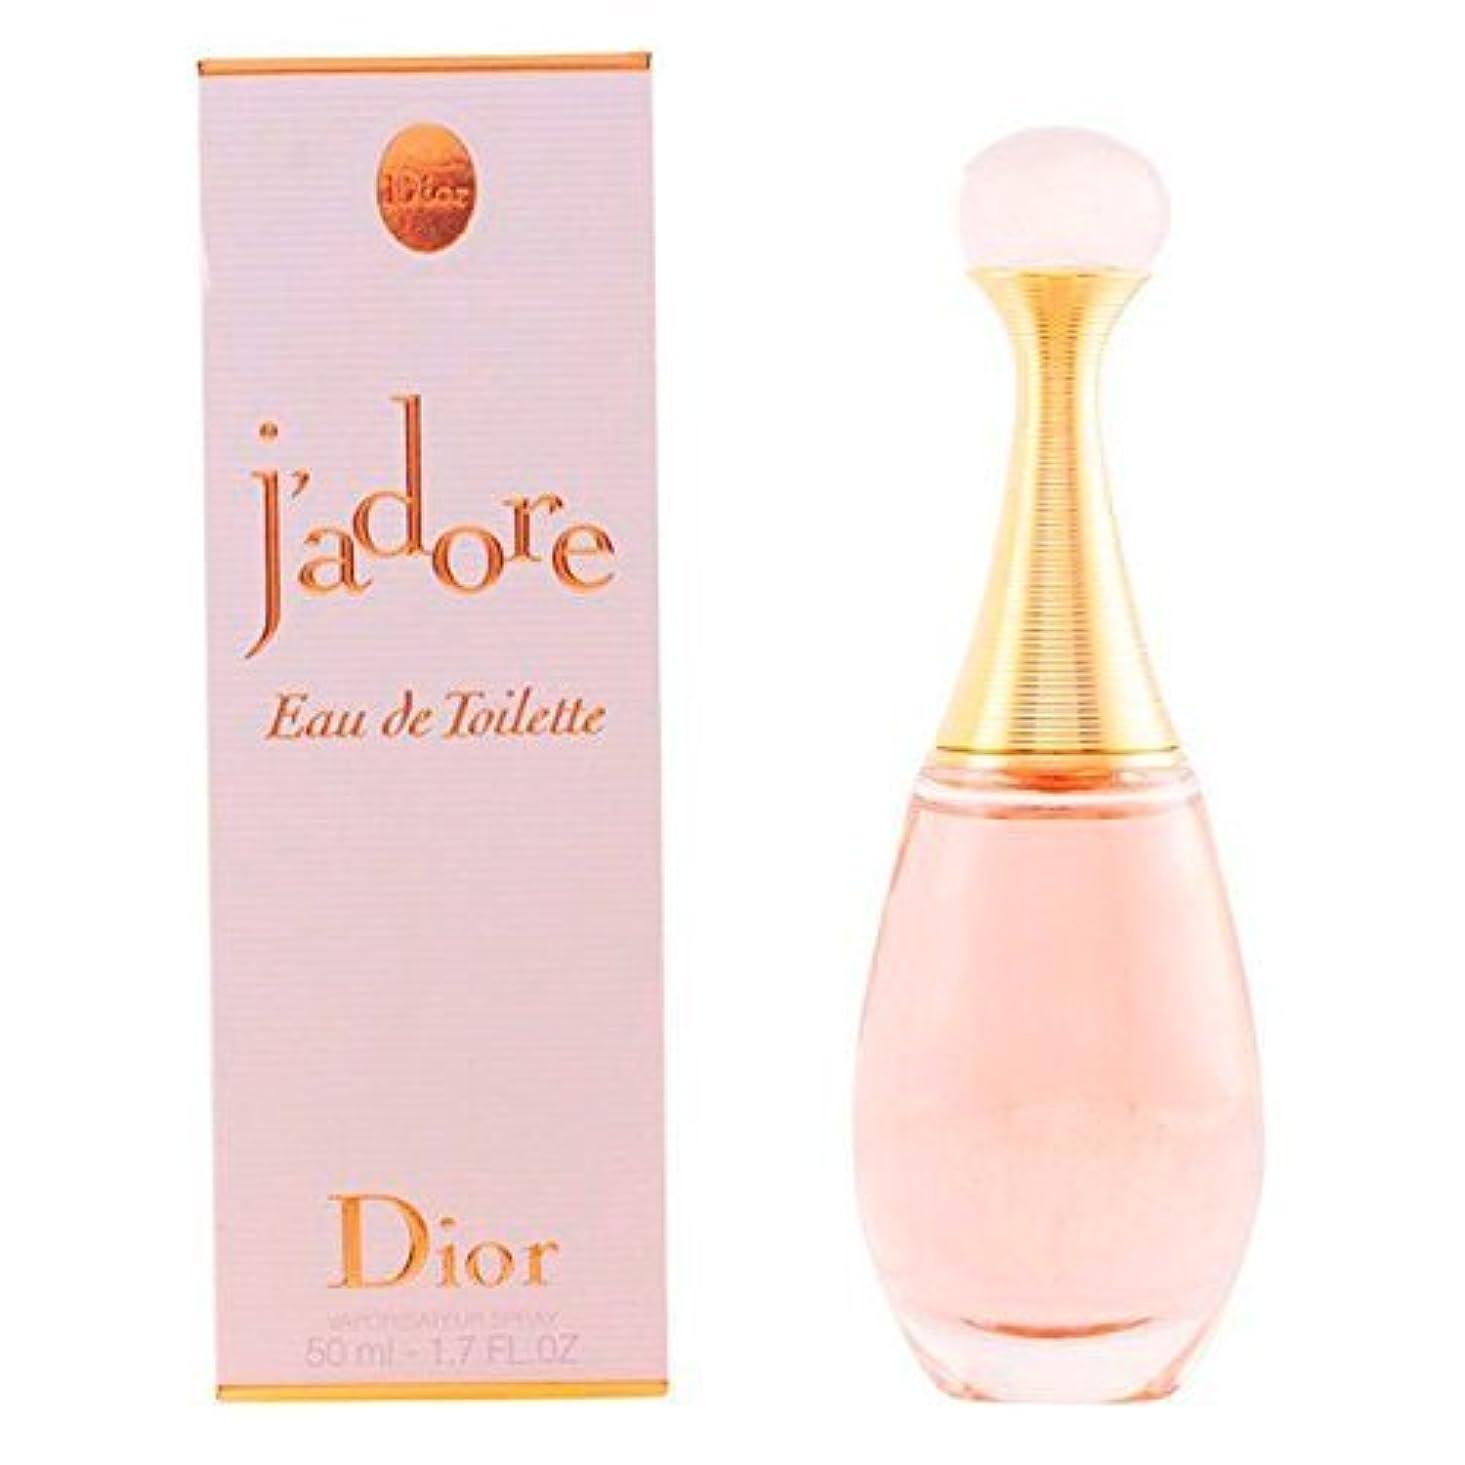 ボウル教えて精神クリスチャン ディオール(Christian Dior) ジャドール オー ルミエール EDT SP 50ml[並行輸入品]